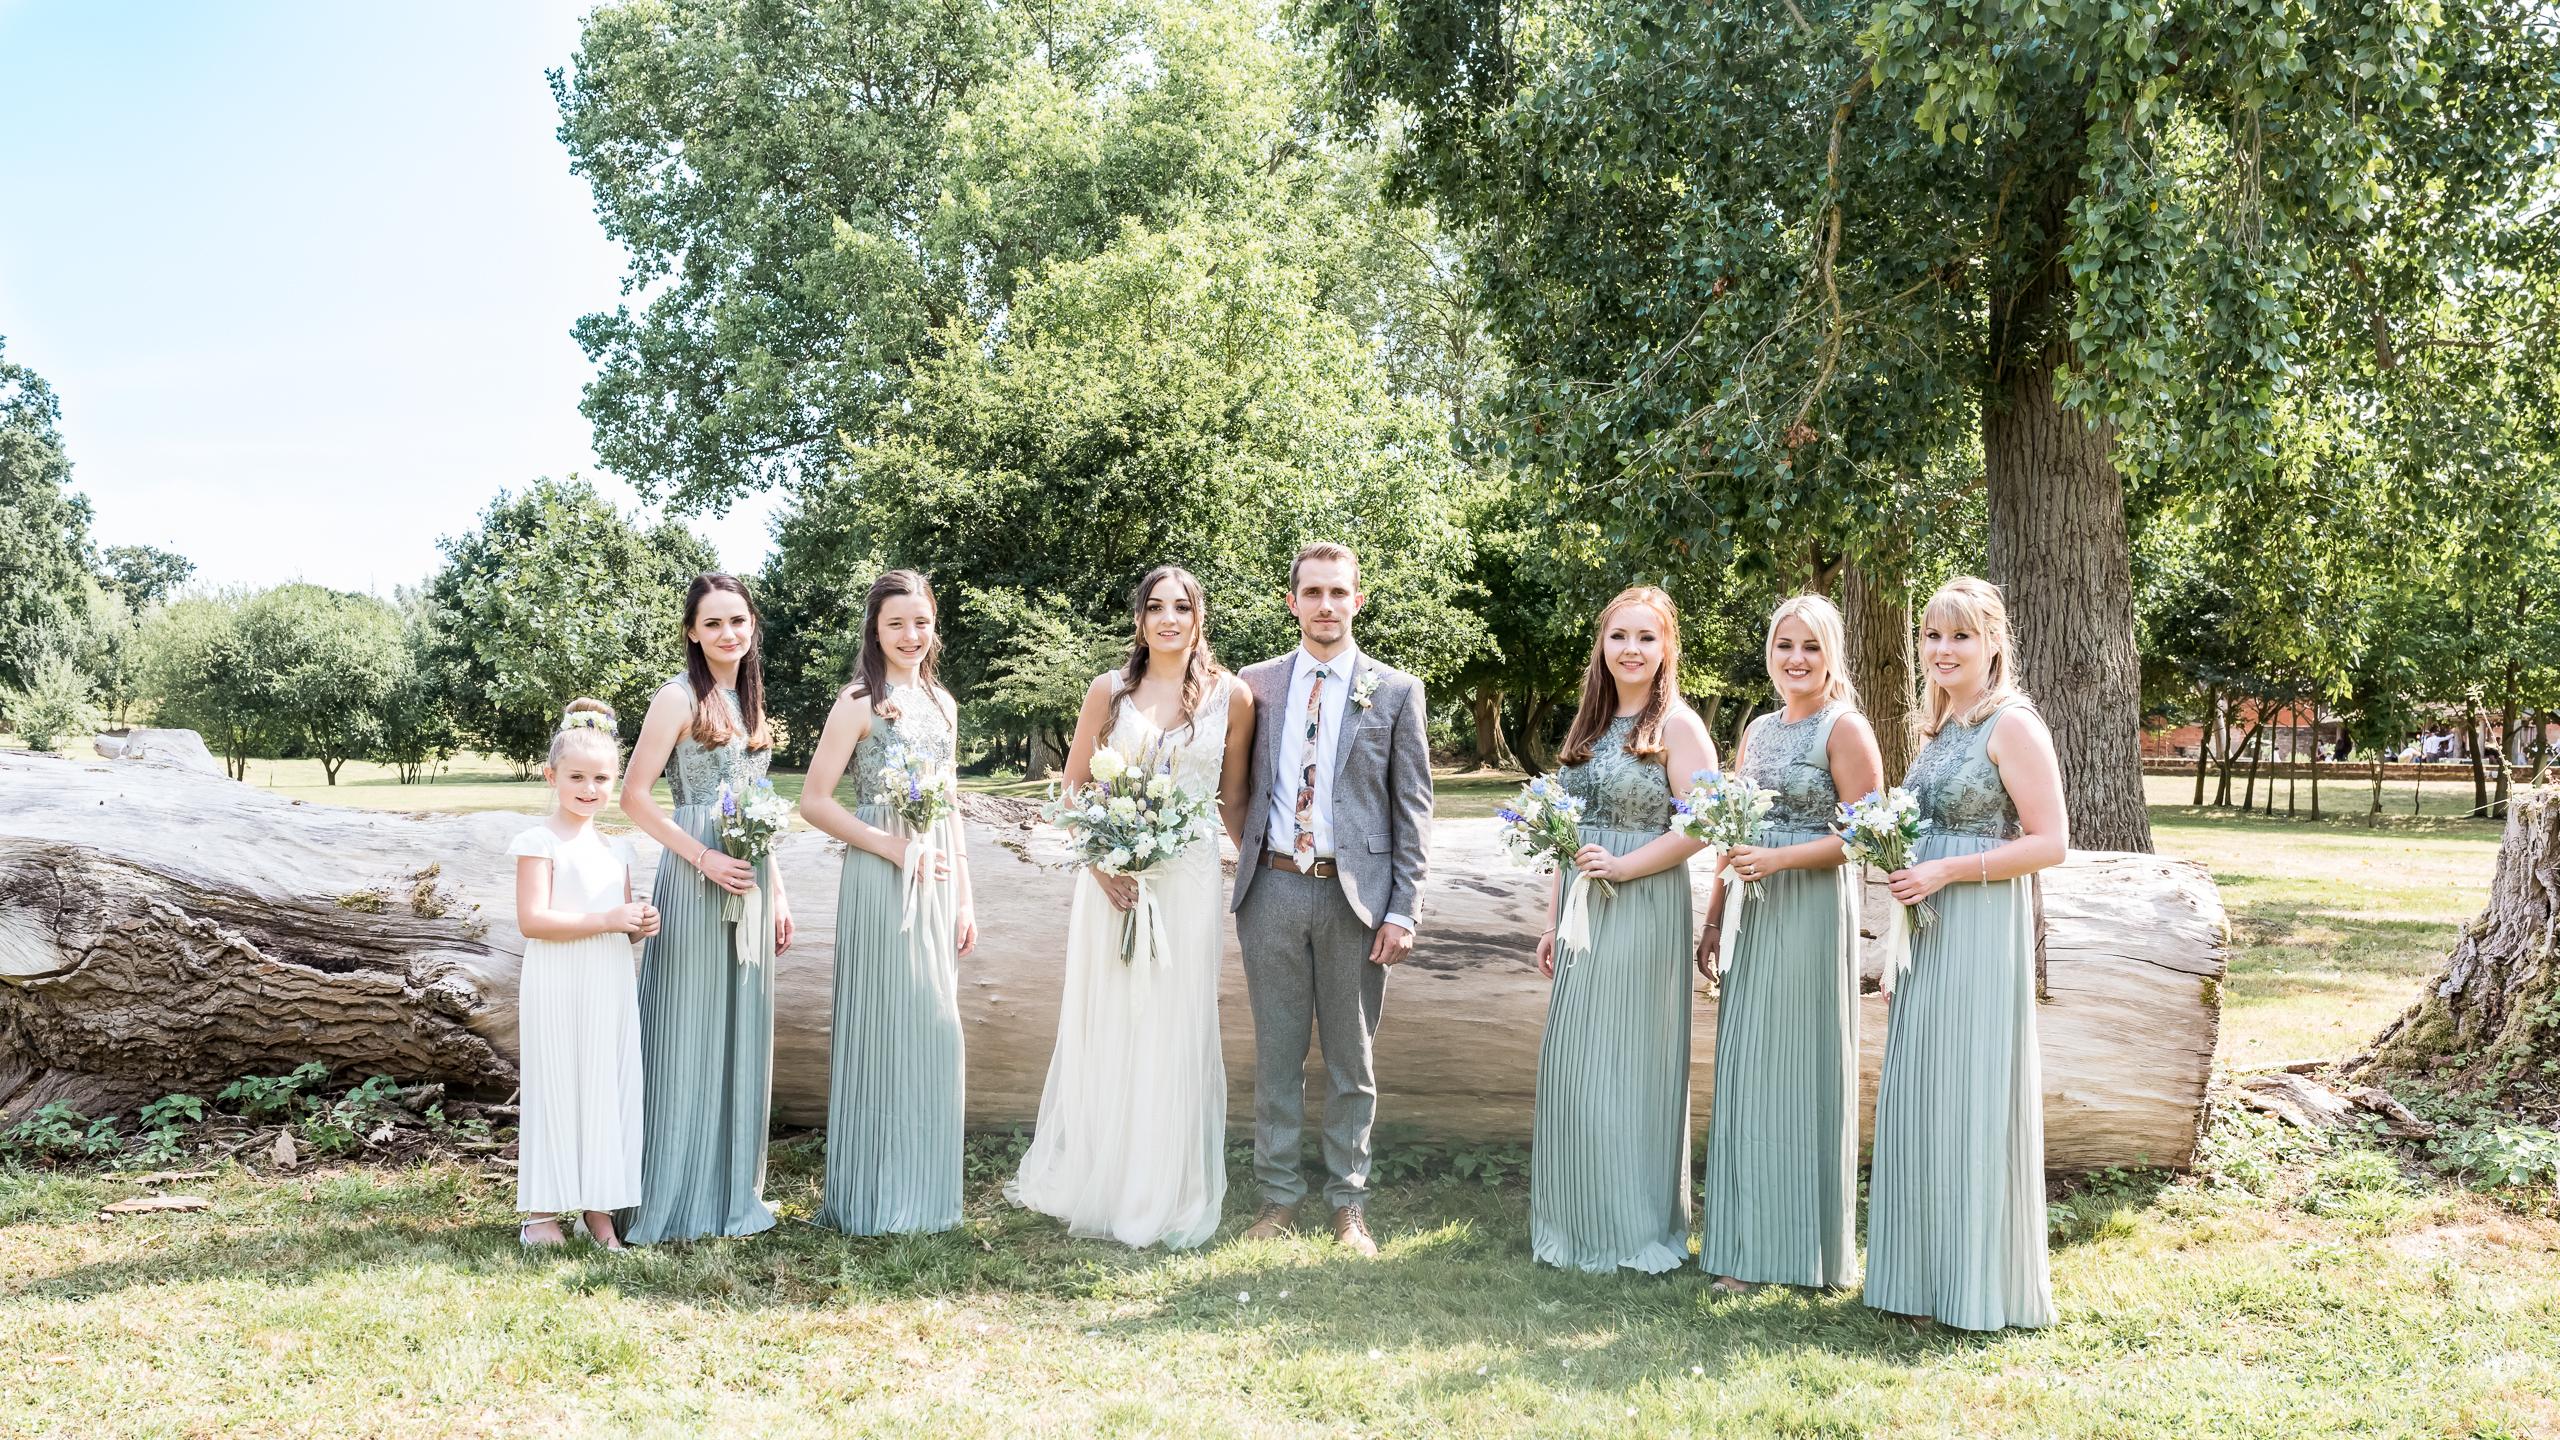 KBK_Kayleigh&Michael_Wedding-1073